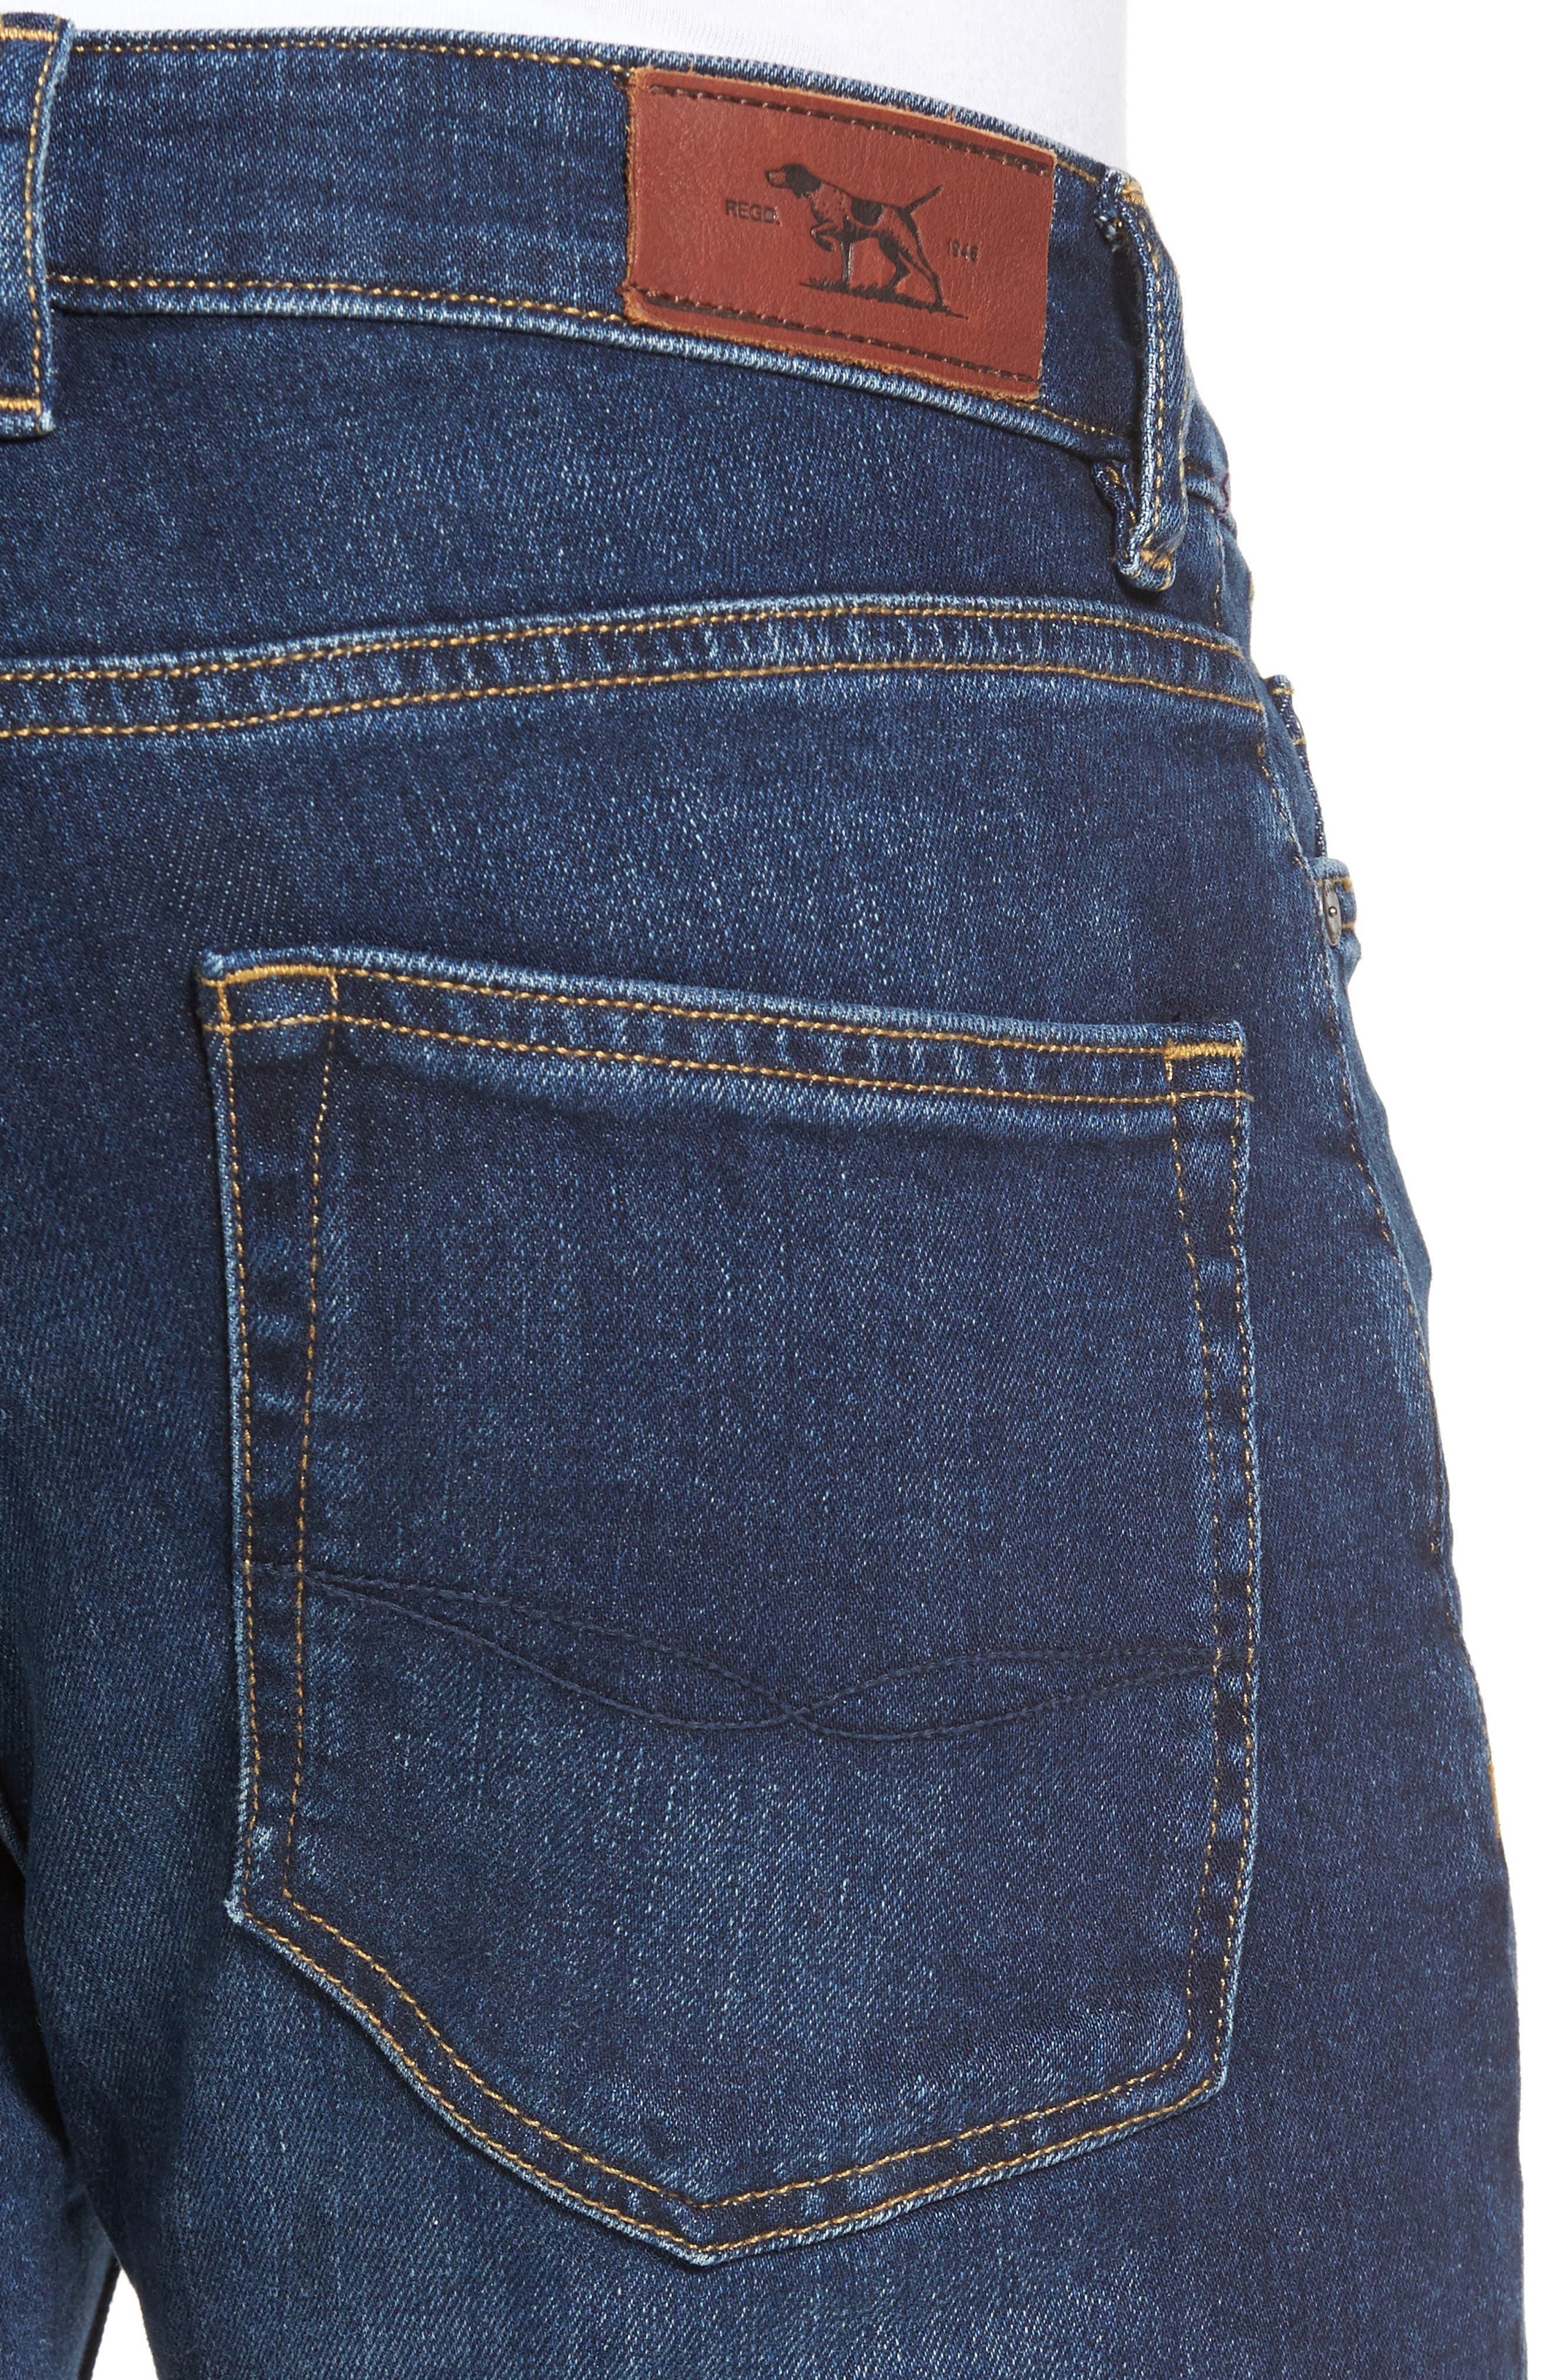 Derbyshire Slim Fit Jeans,                             Alternate thumbnail 4, color,                             DENIM